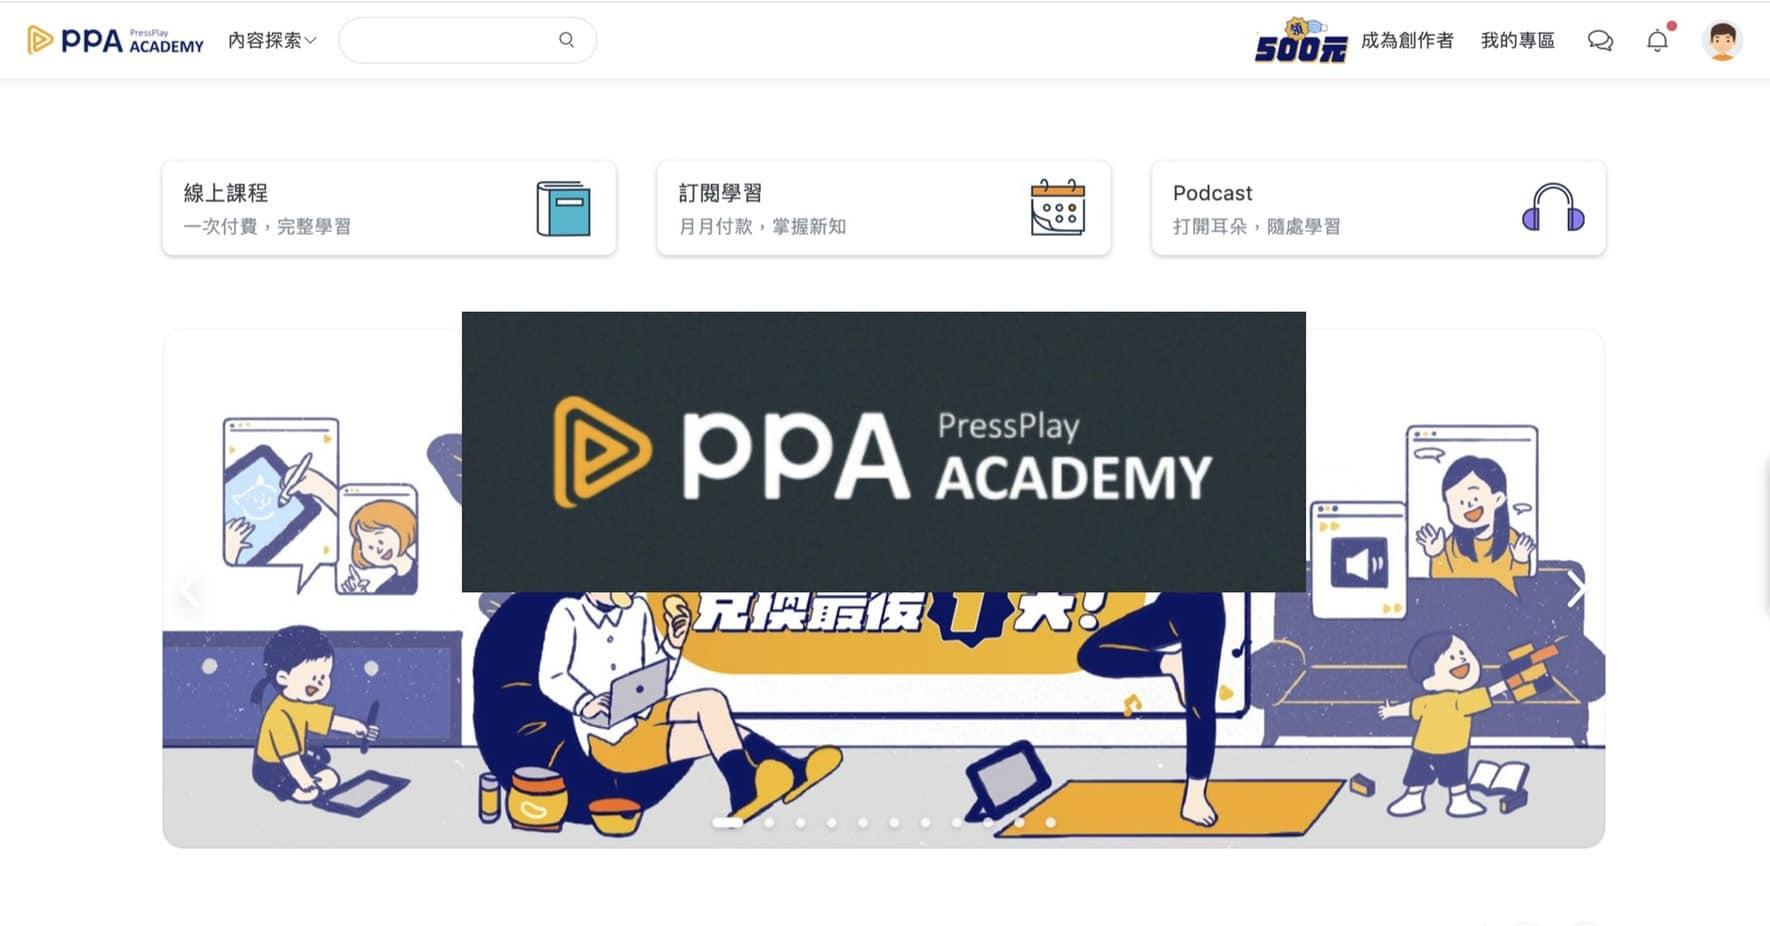 推薦線上學習的優質網站6~『  PPA ACADEMY(PressPlay Academy)』